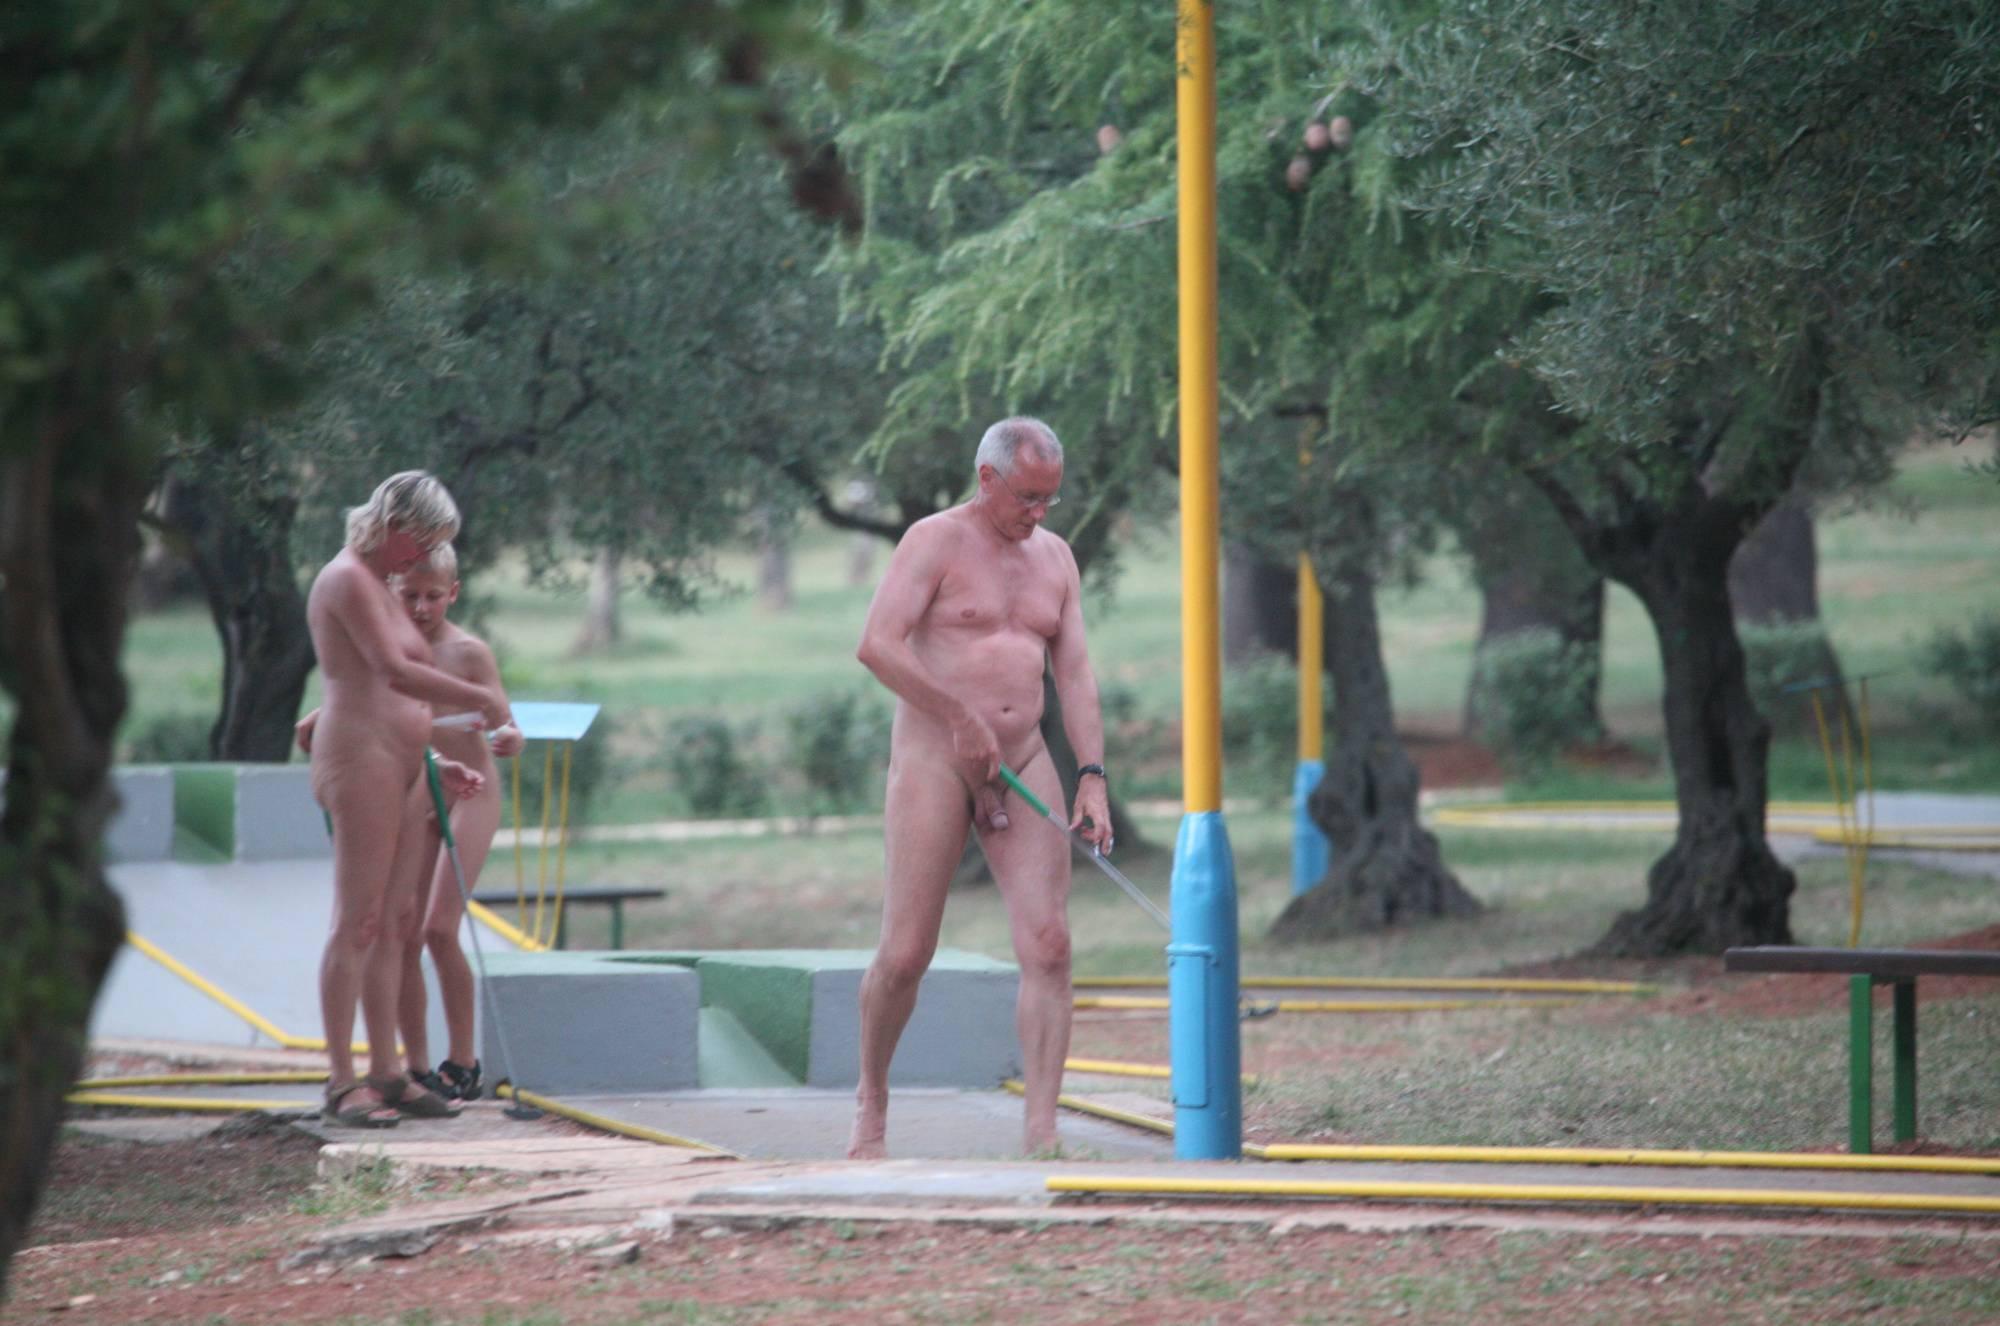 Nudist Photos Mini-Golf Nude Participants - 2